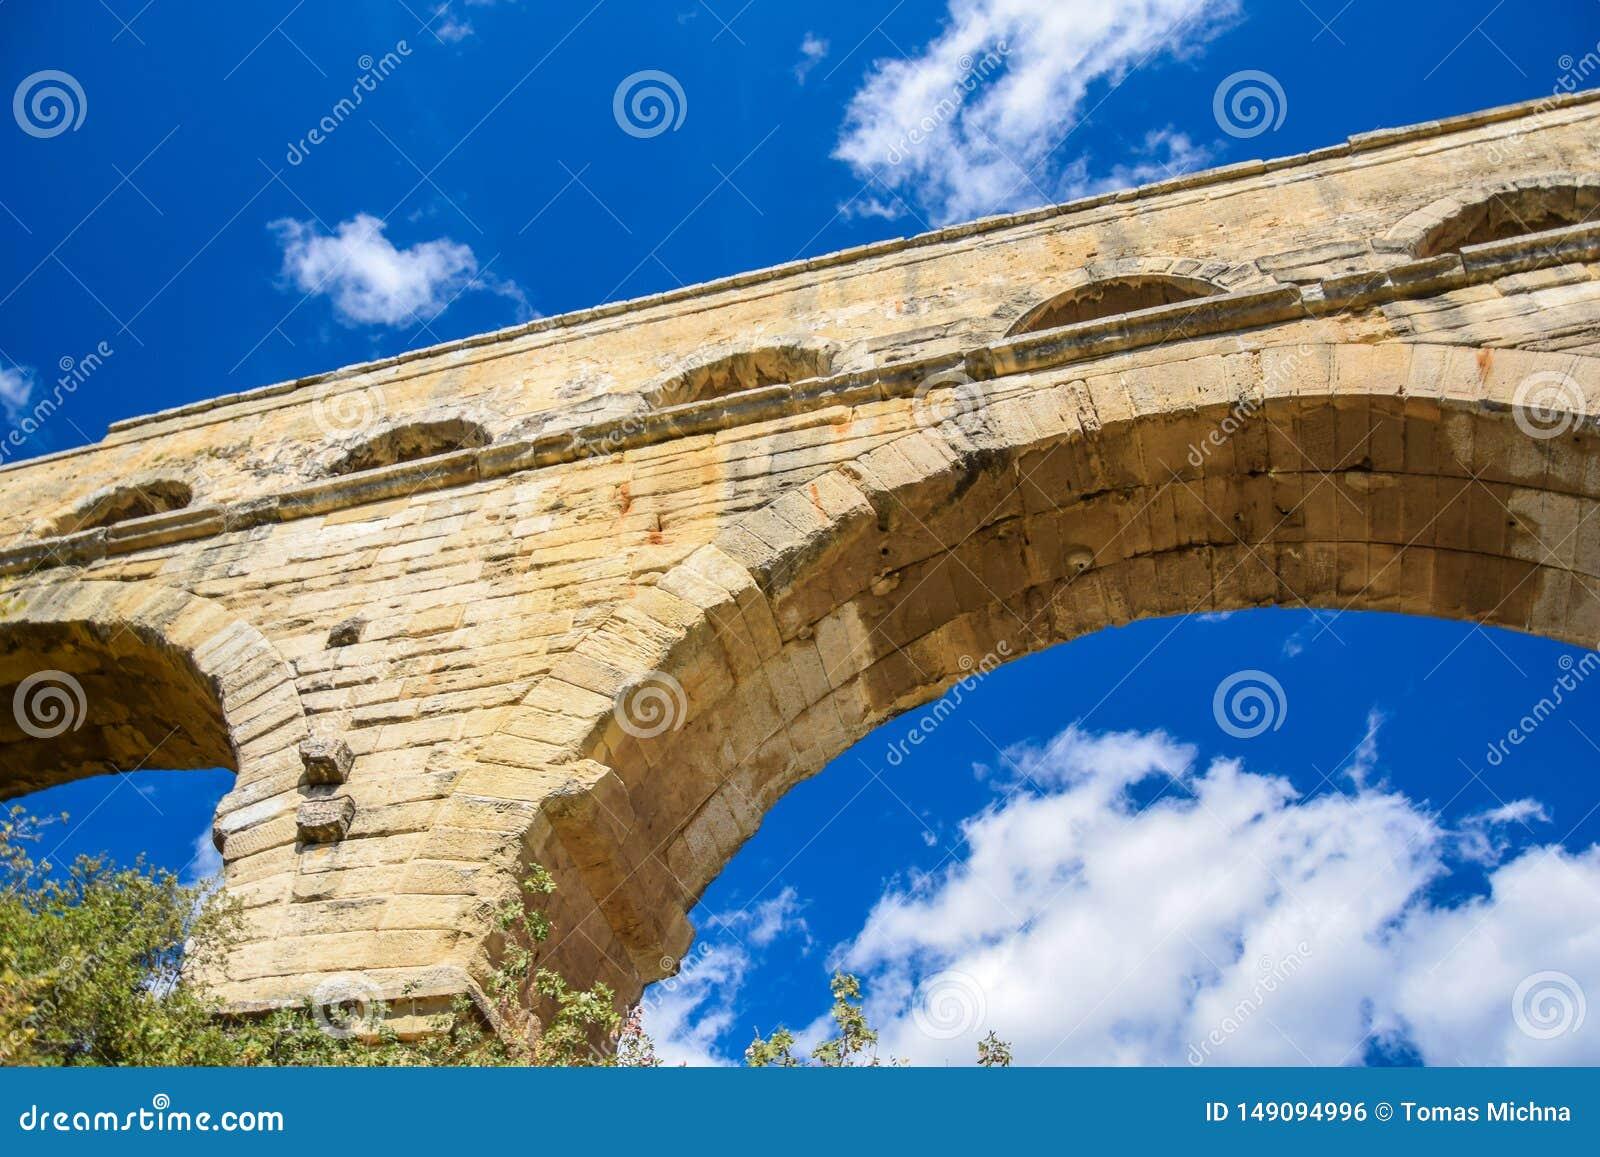 Nahaufnahme Pont DU Gard